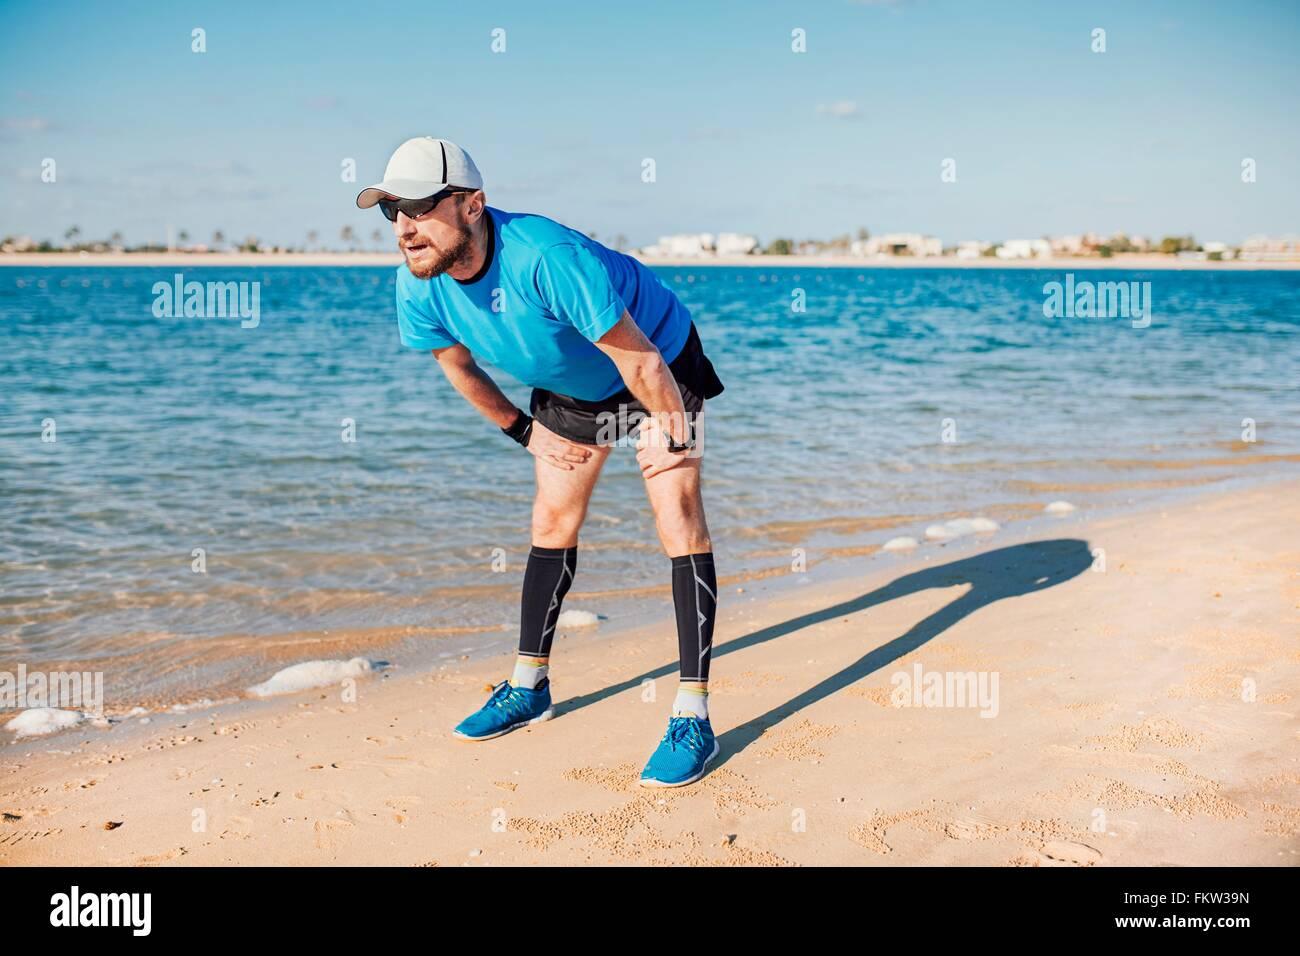 Mitte erwachsenen Mannes an Küste nach vorne biegen wegsehen, Dubai, Vereinigte Arabische Emirate Stockbild